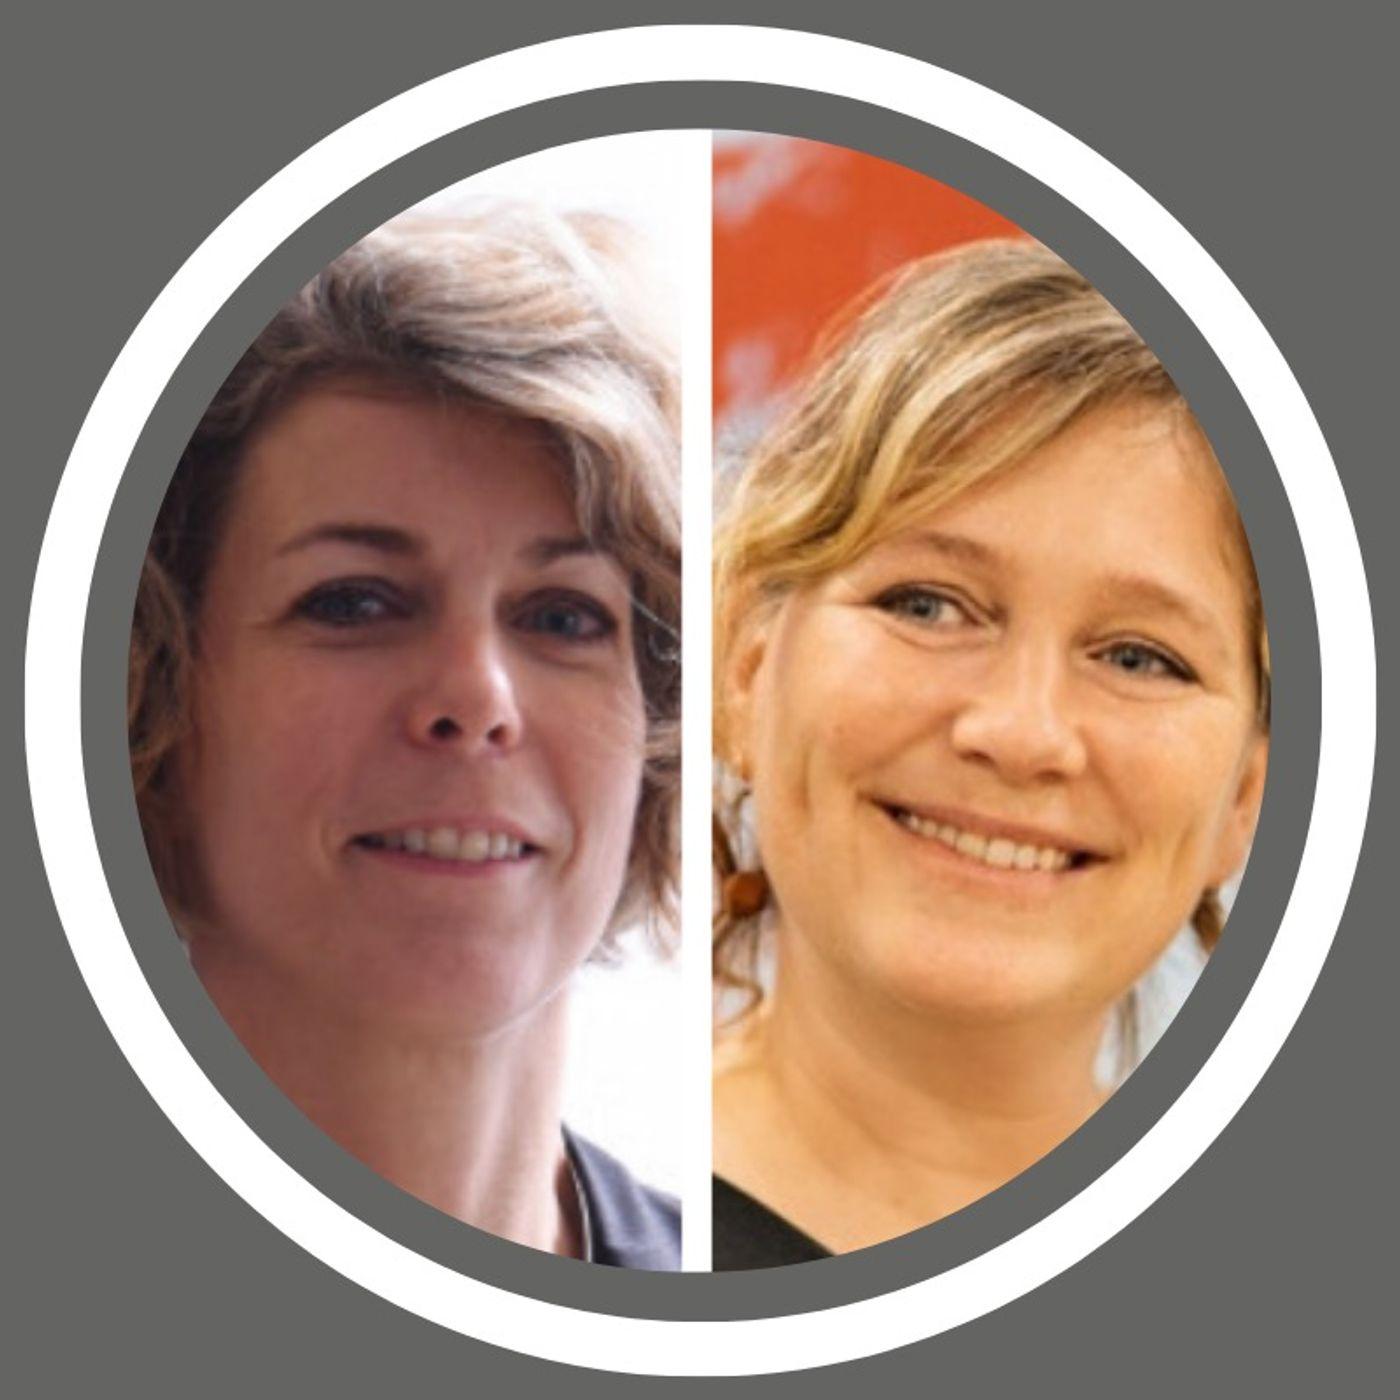 Viviane Kock & Dette Van Zeeland - Twee NWOW buddy's over nieuwe manieren van samenwerken (NL)